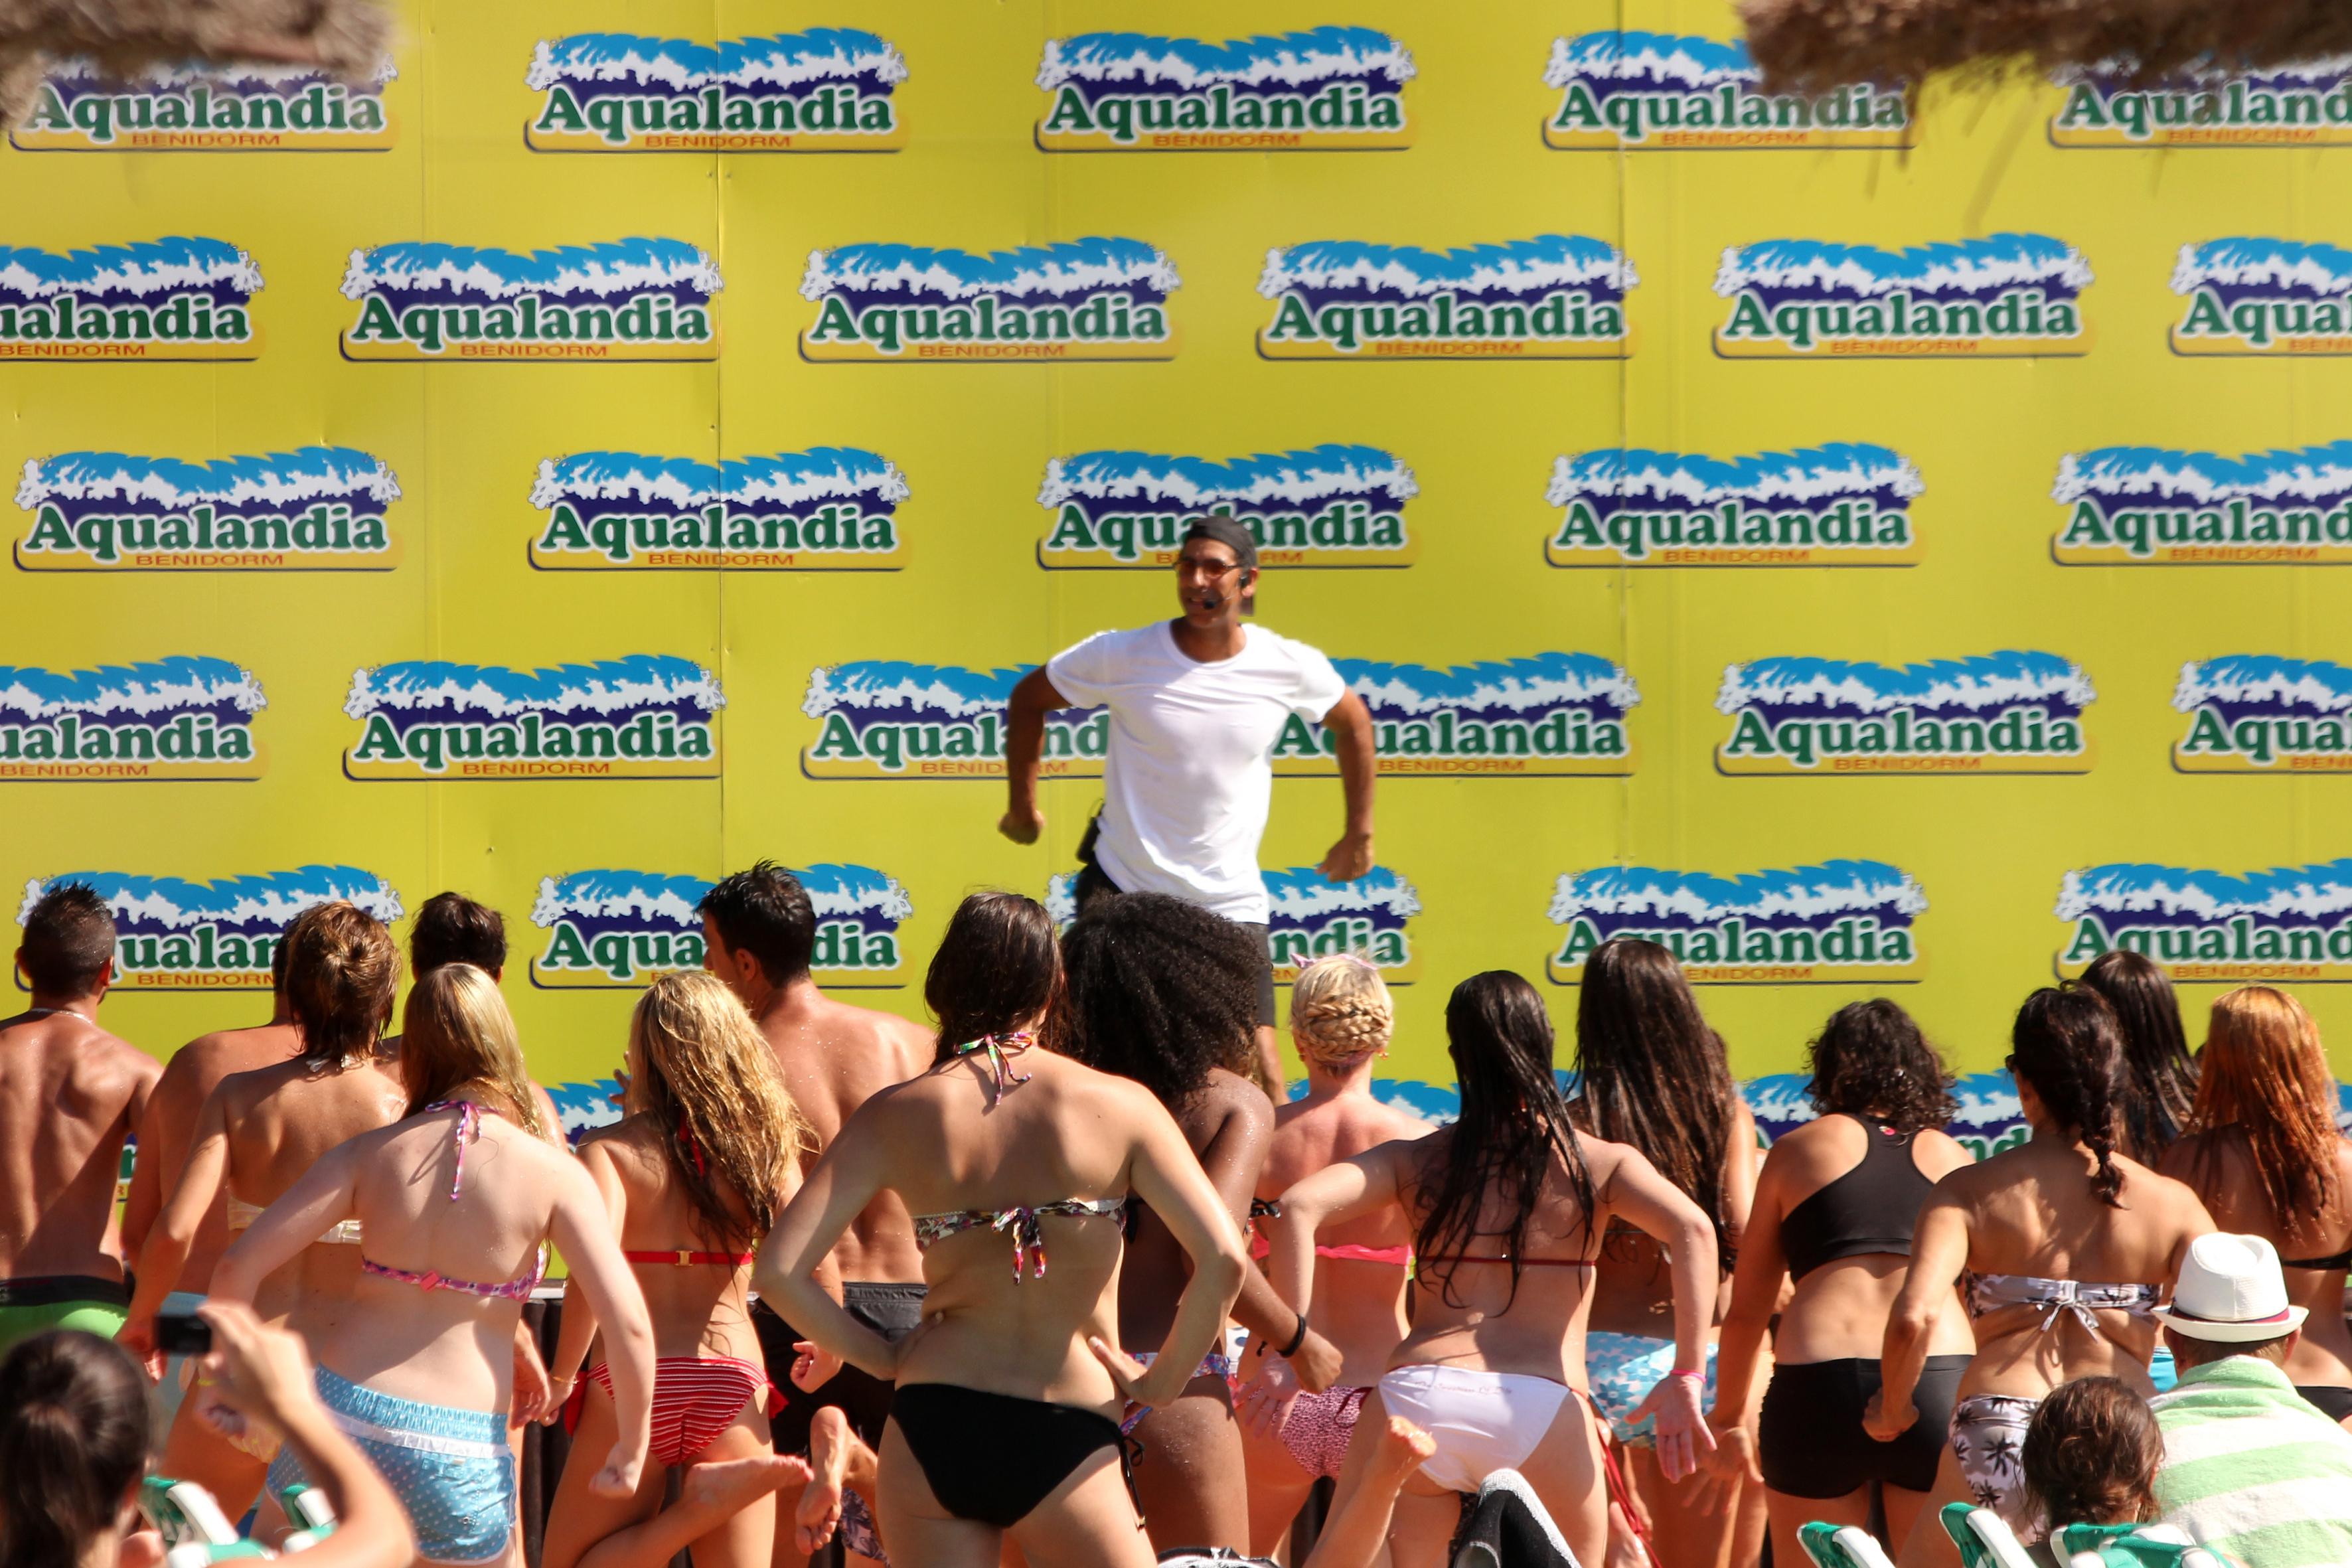 Do Aerobics at Aqualandia!